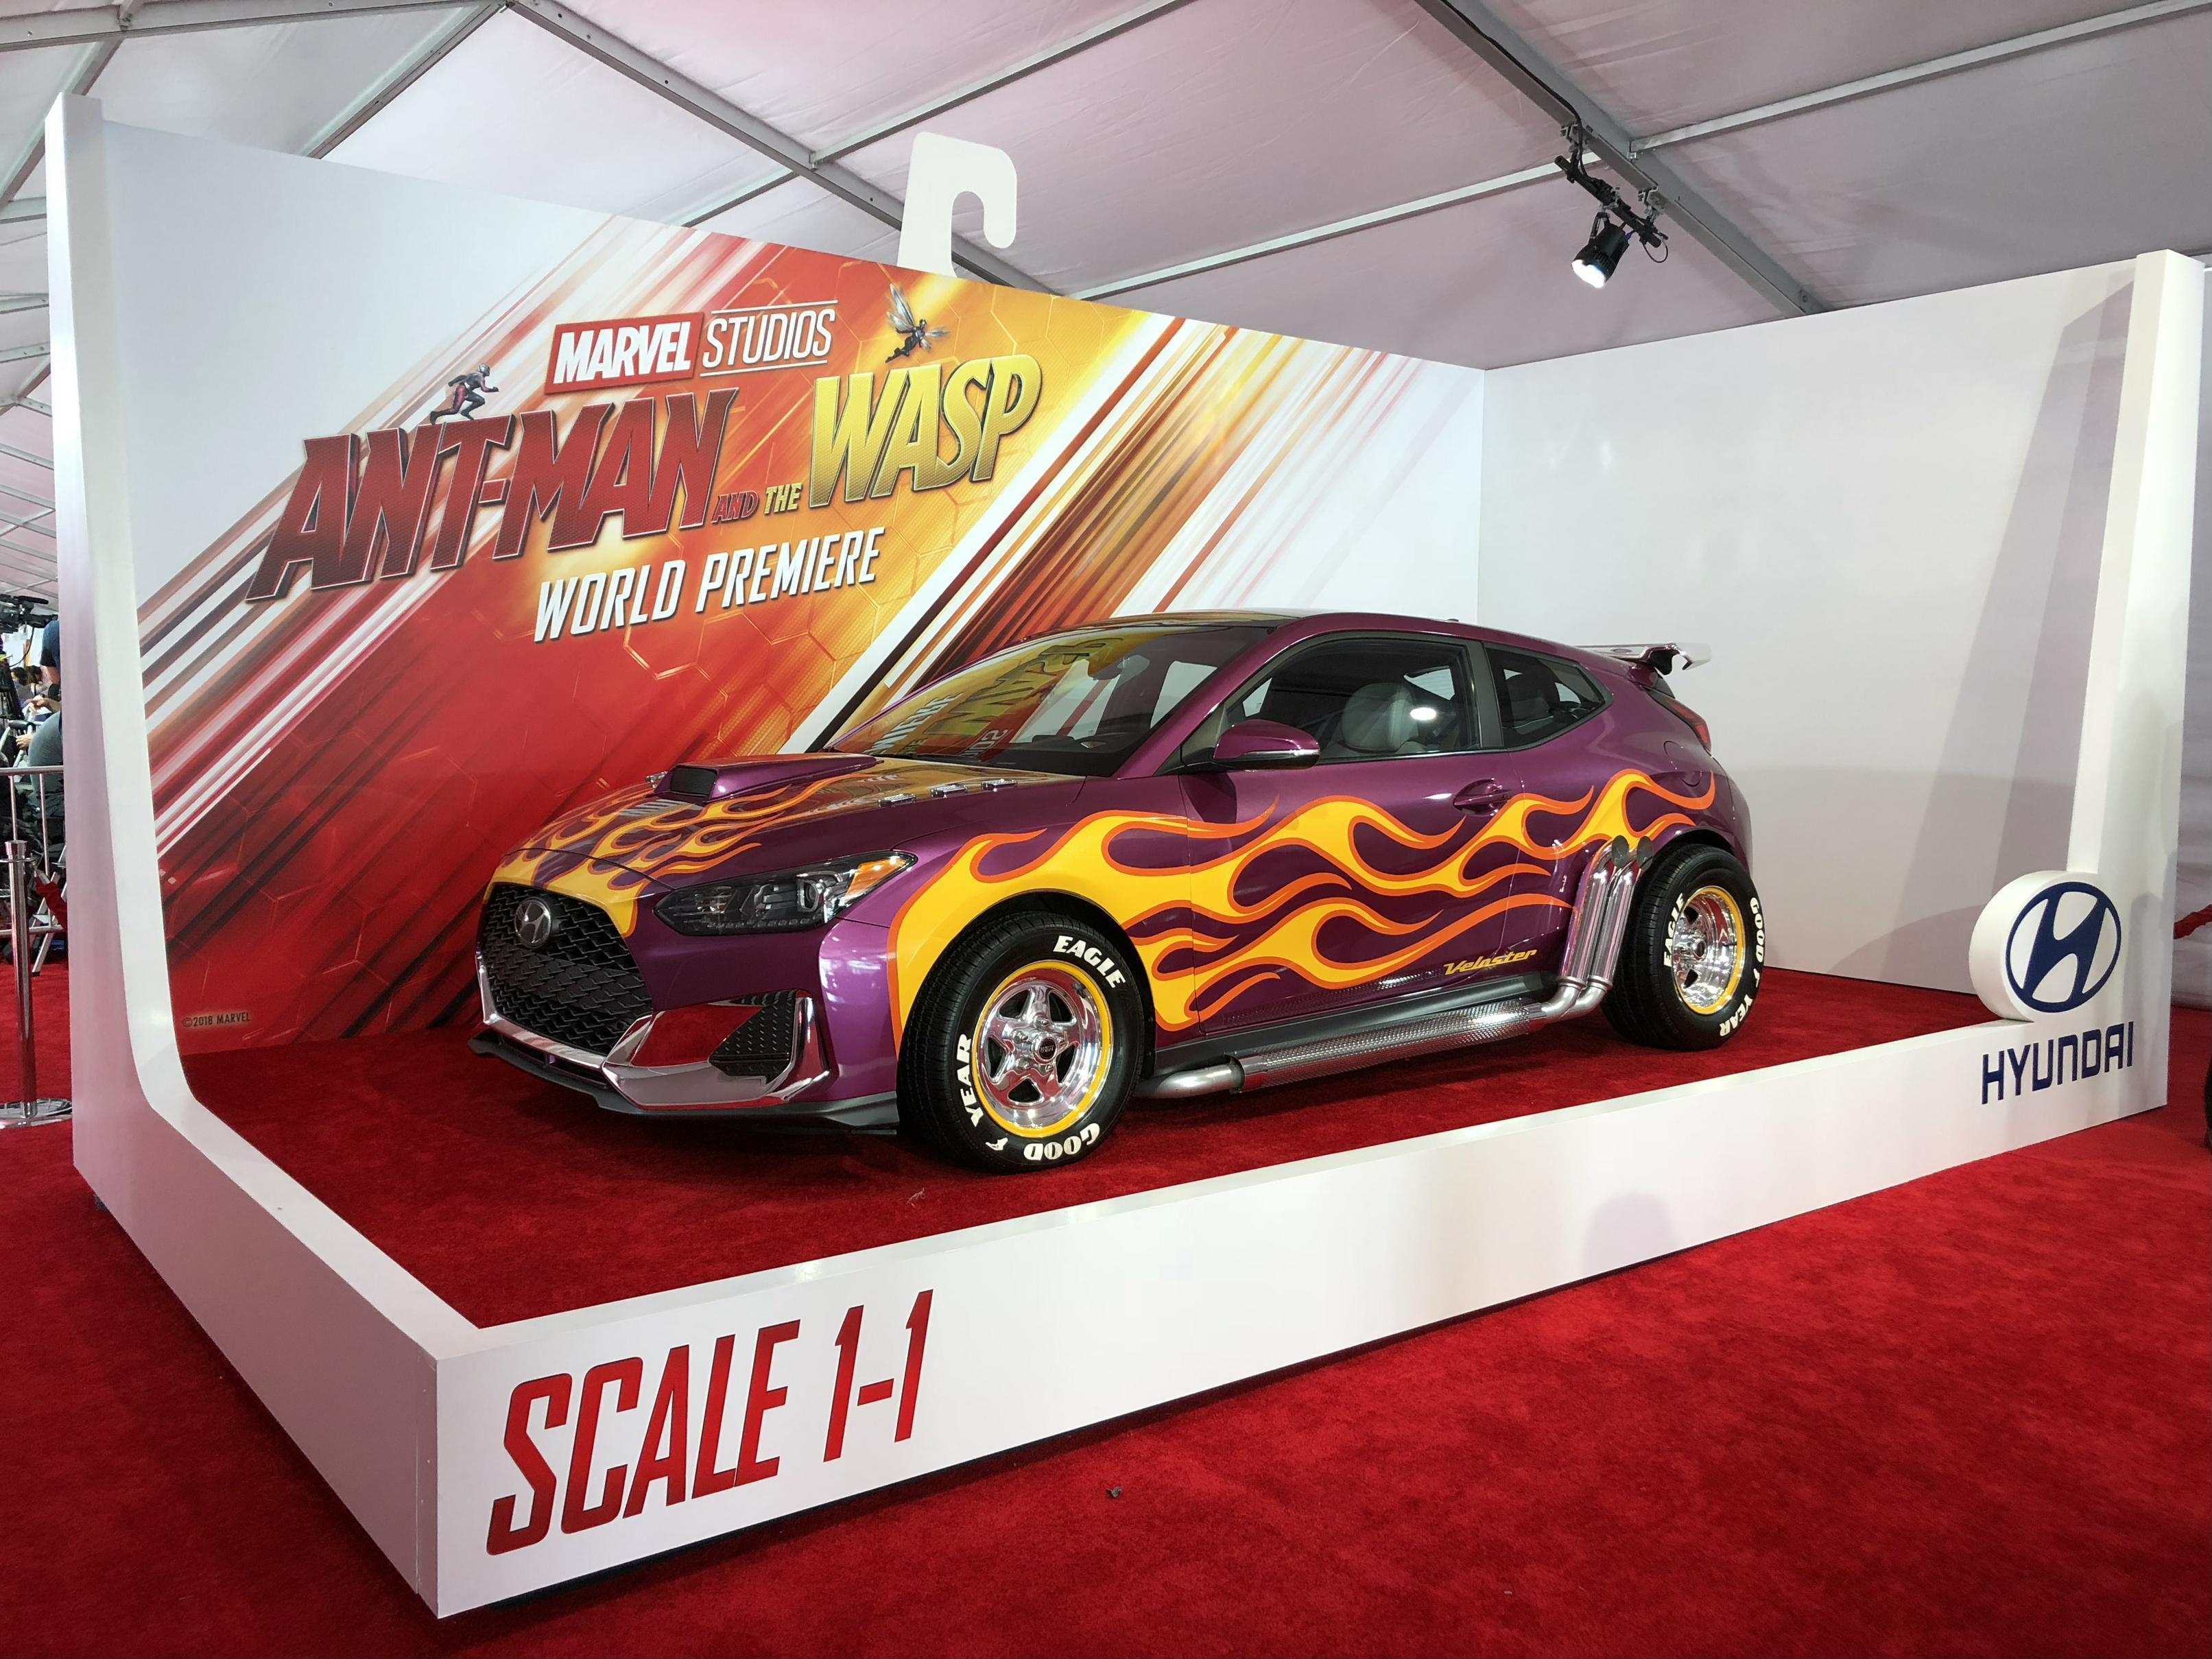 Η Hyundai γιορτάζει το ντεμπούτο της στο Hollywood και ενισχύει τη συνεργασία της με τη Marvel